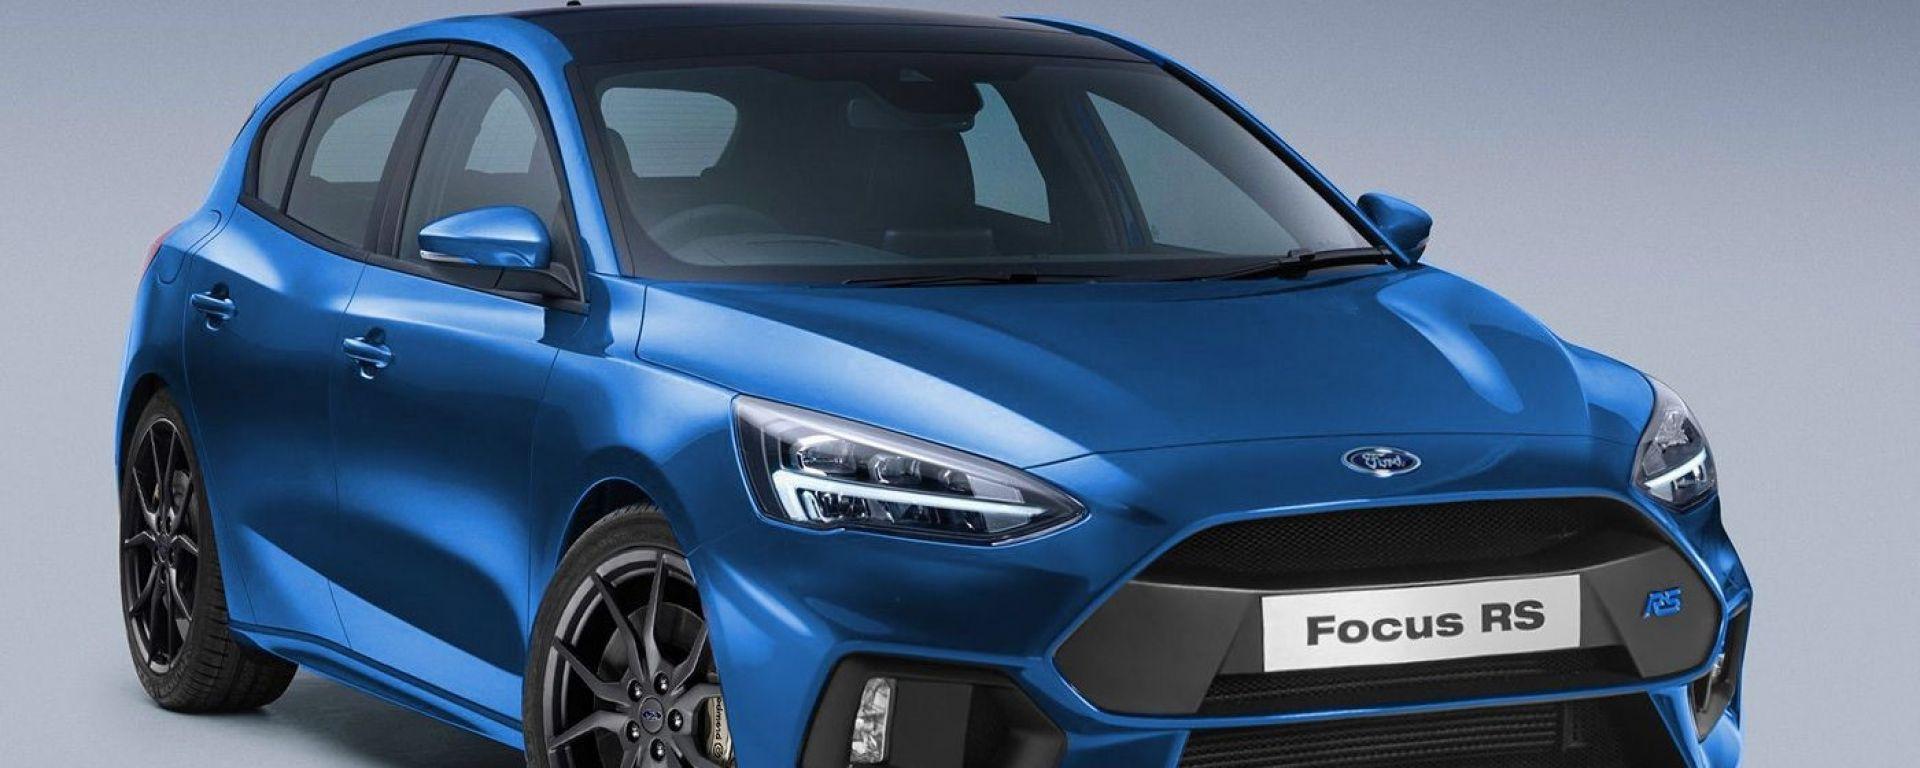 Ford Focus RS 2021: motore ibrido, 4 WD e oltre 400 CV. Sarà fatta così?